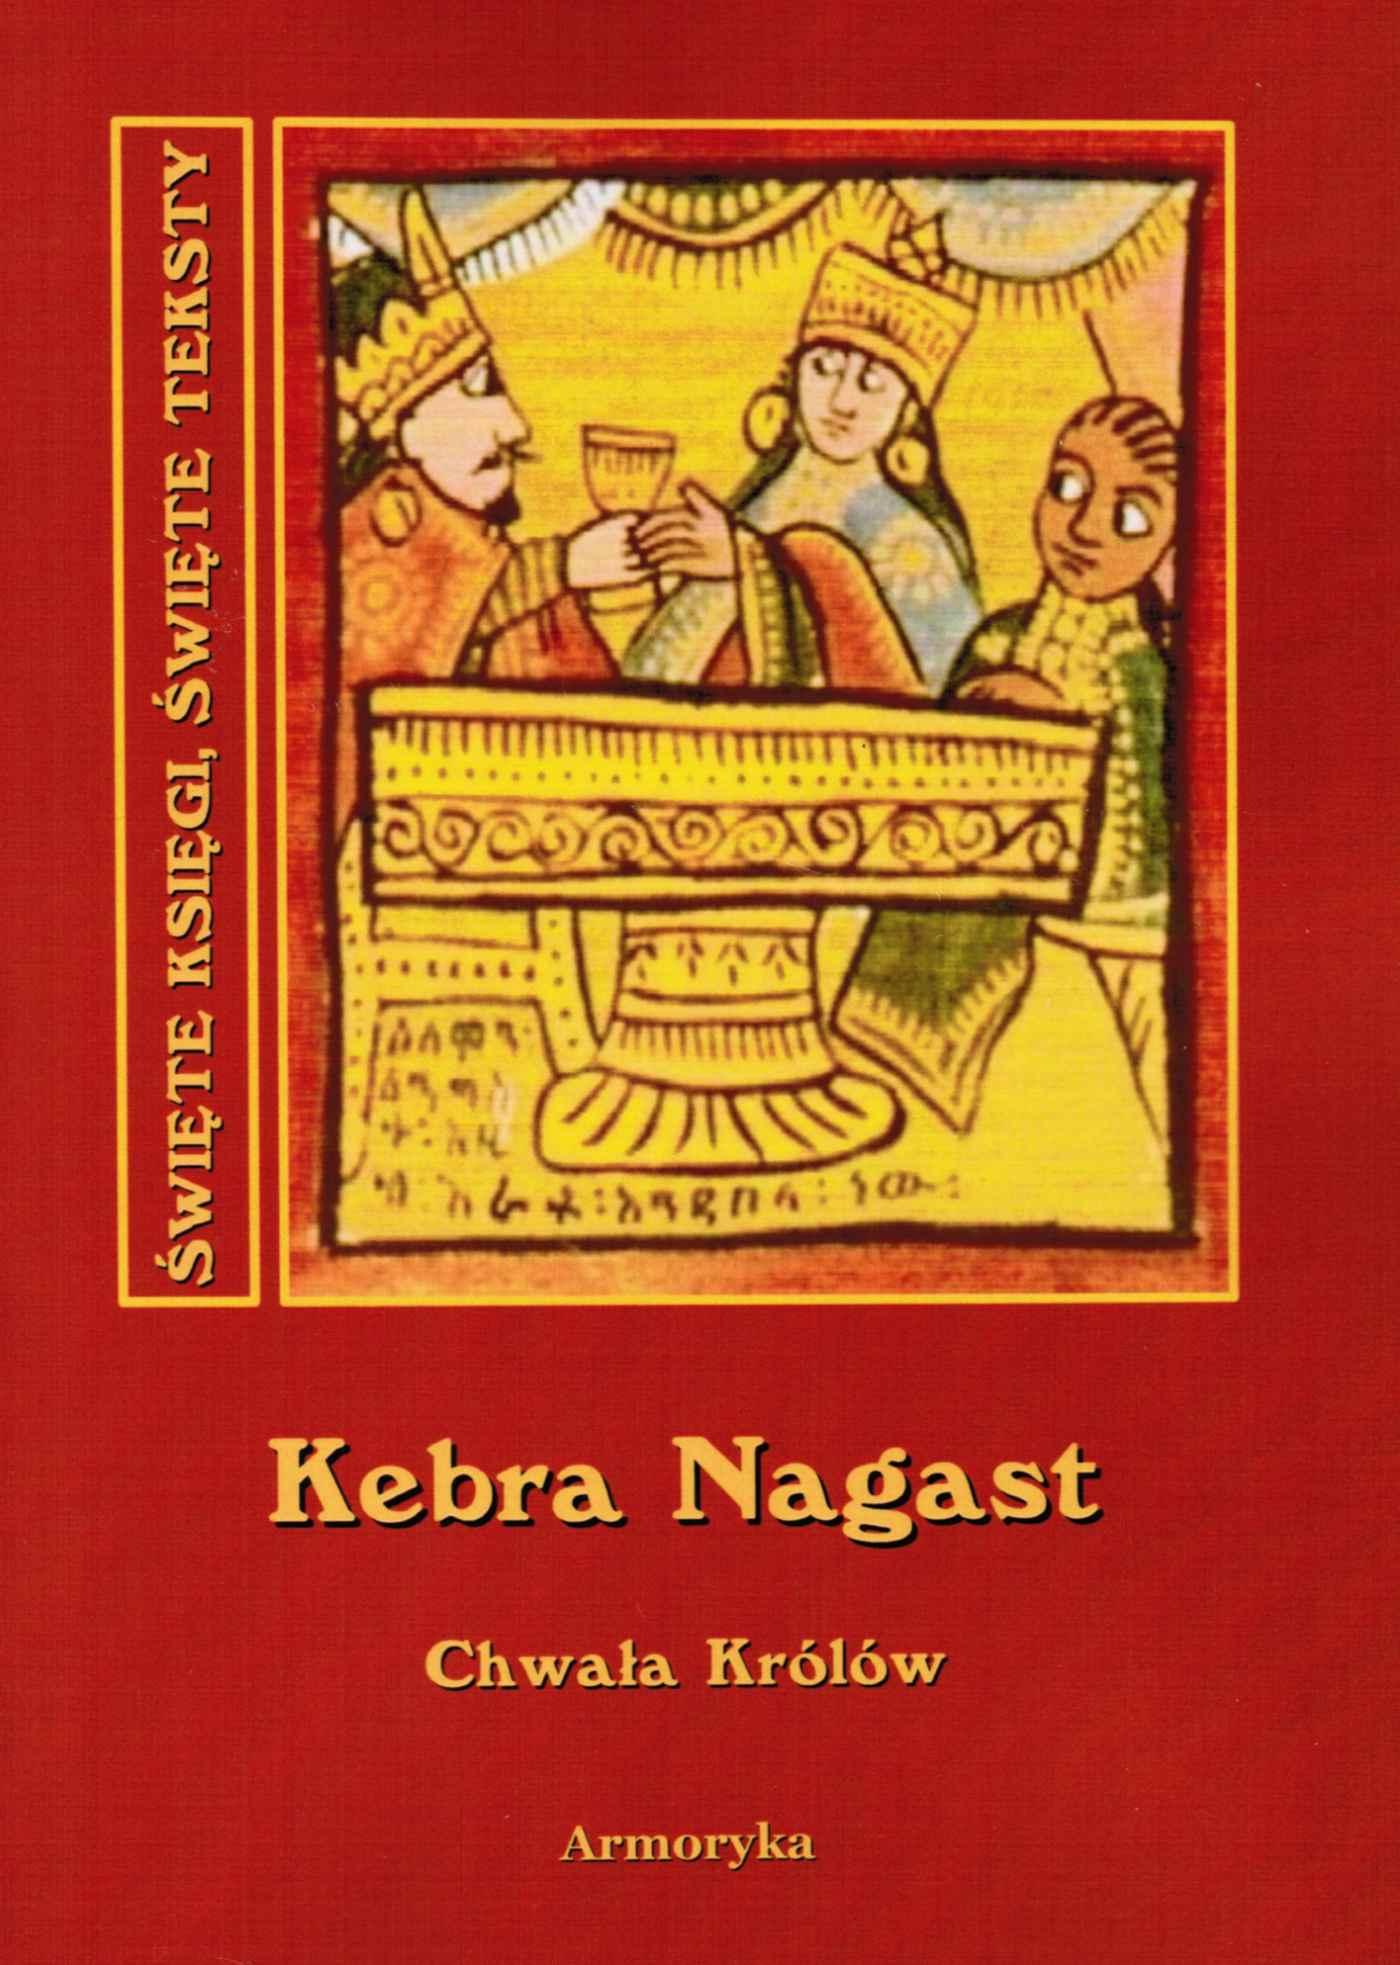 Kebra nagast. Chwała królów - Ebook (Książka EPUB) do pobrania w formacie EPUB